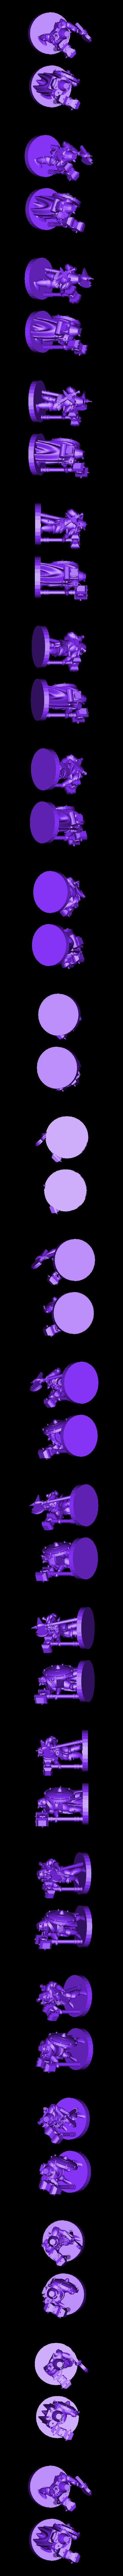 dnd_dwarf.stl Download free STL file DnD Dwarf • 3D printable object, mrhers2